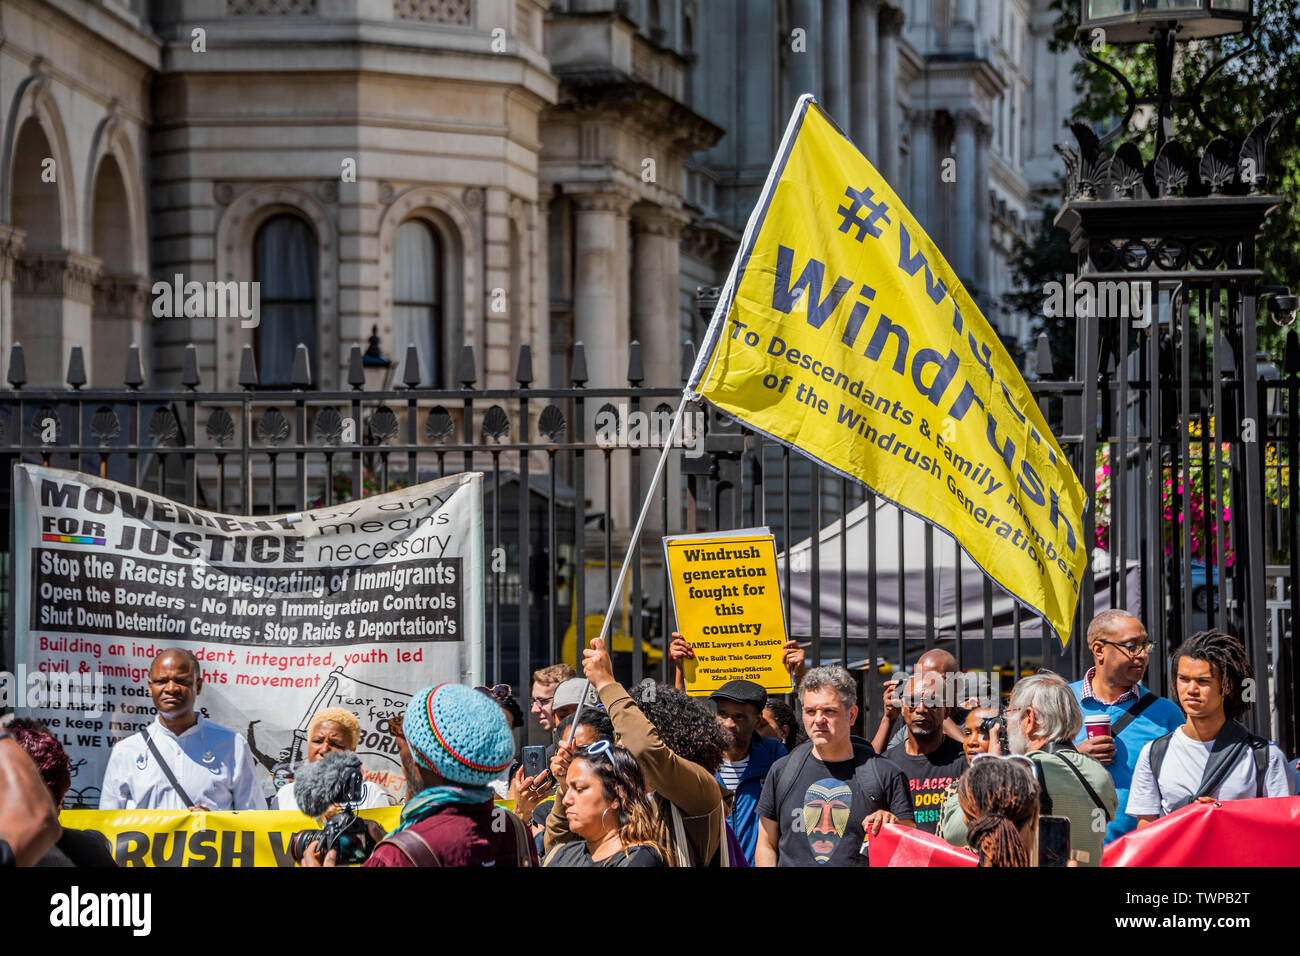 Westminster, London, Großbritannien. Am 22. Juni 2019. Außerhalb der Downing Street - windrush Tag der Aktion - bame Anwälte für Gerechtigkeit fordern Gerechtigkeit für Windrush Opfer und für die Überprüfung ihrer Nachkommen ausgedehnt werden. Der Protest wurde von Vereinen und die PCS Union unterstützt. Stockfoto